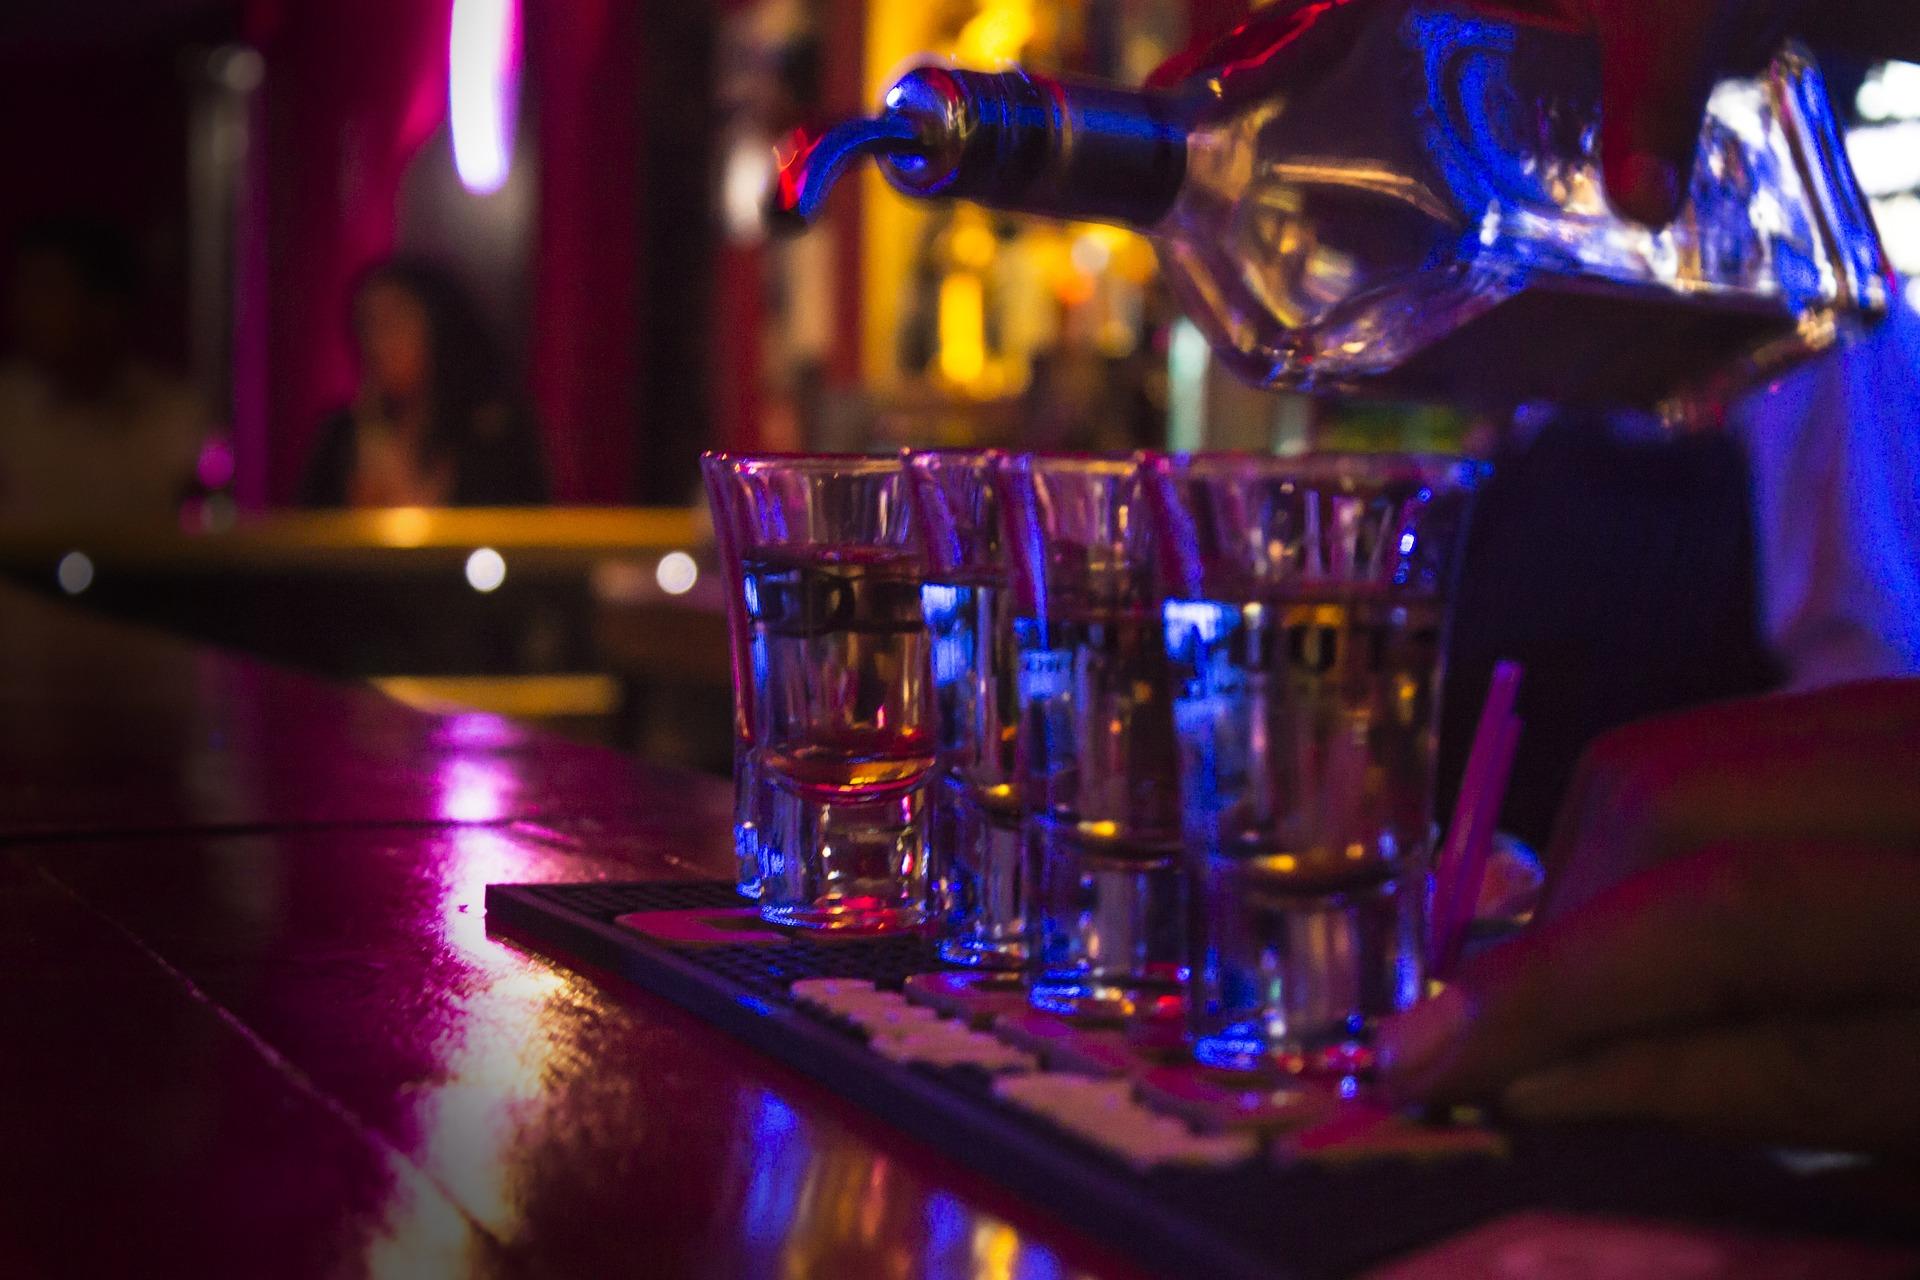 El tequila está de fiesta porque hoy es su día! - VIP Experiences